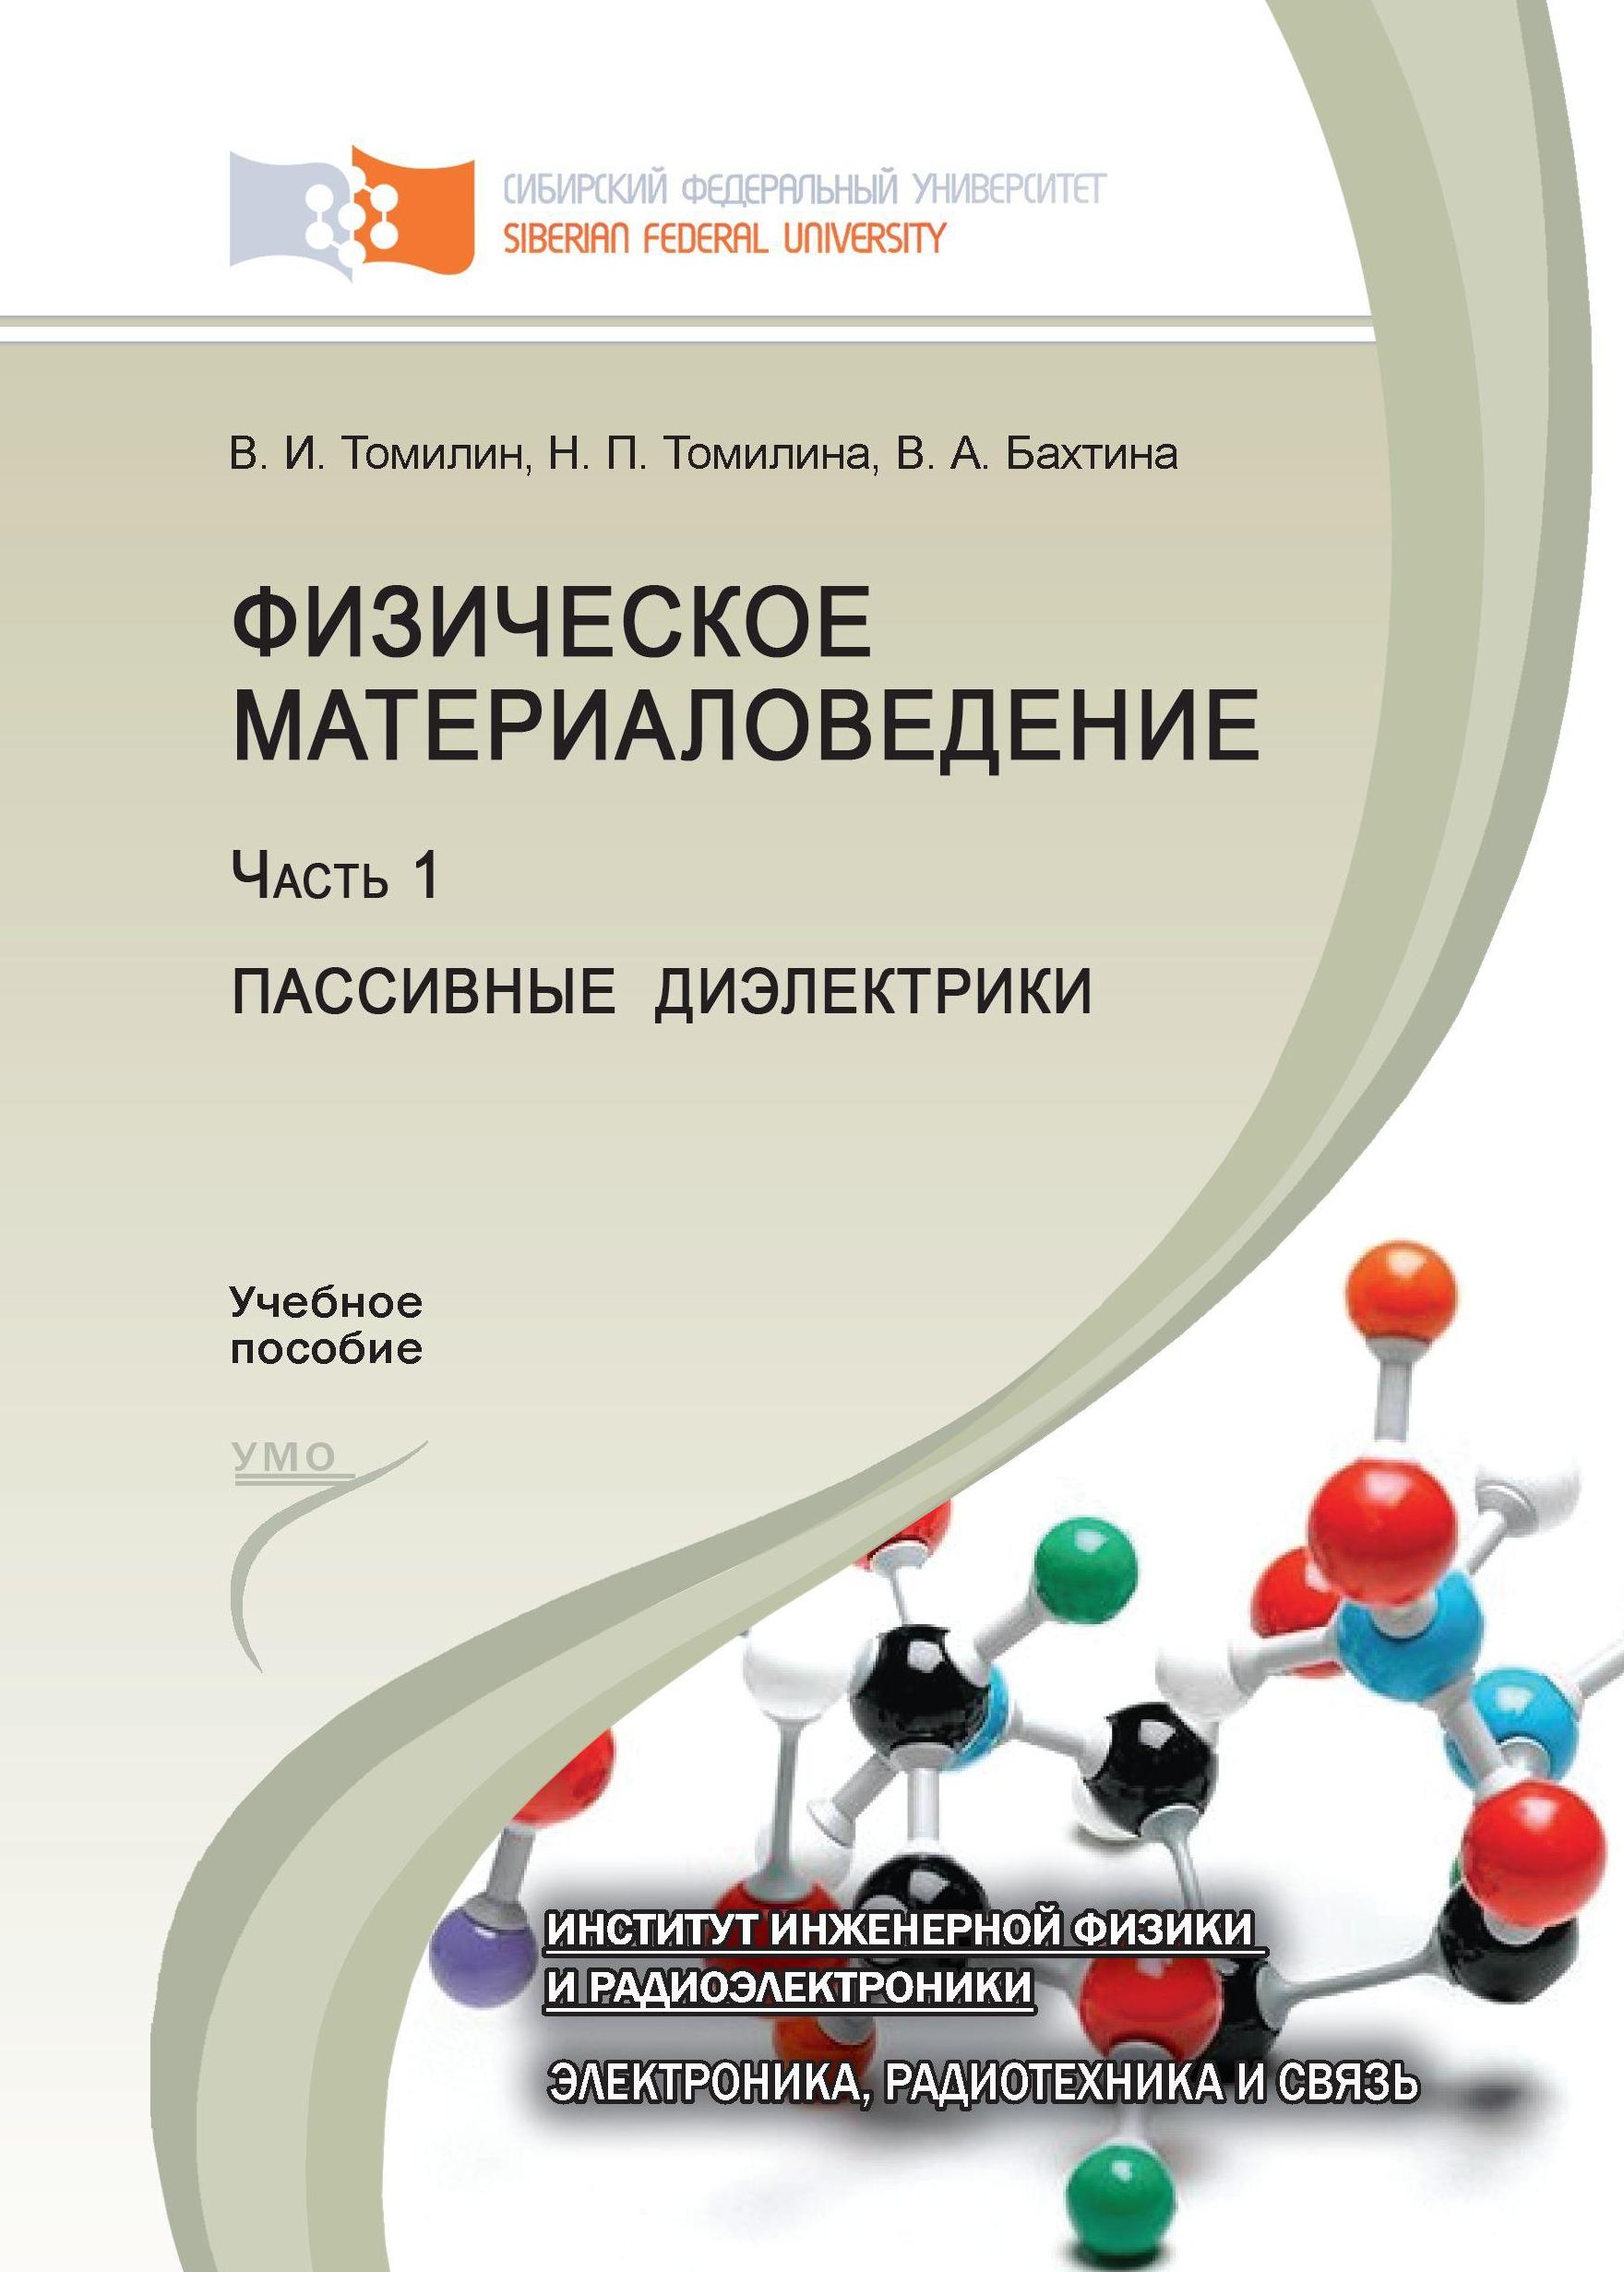 В. И. Томилин Физическое материаловедение. Часть 1. Пассивные диэлектрики